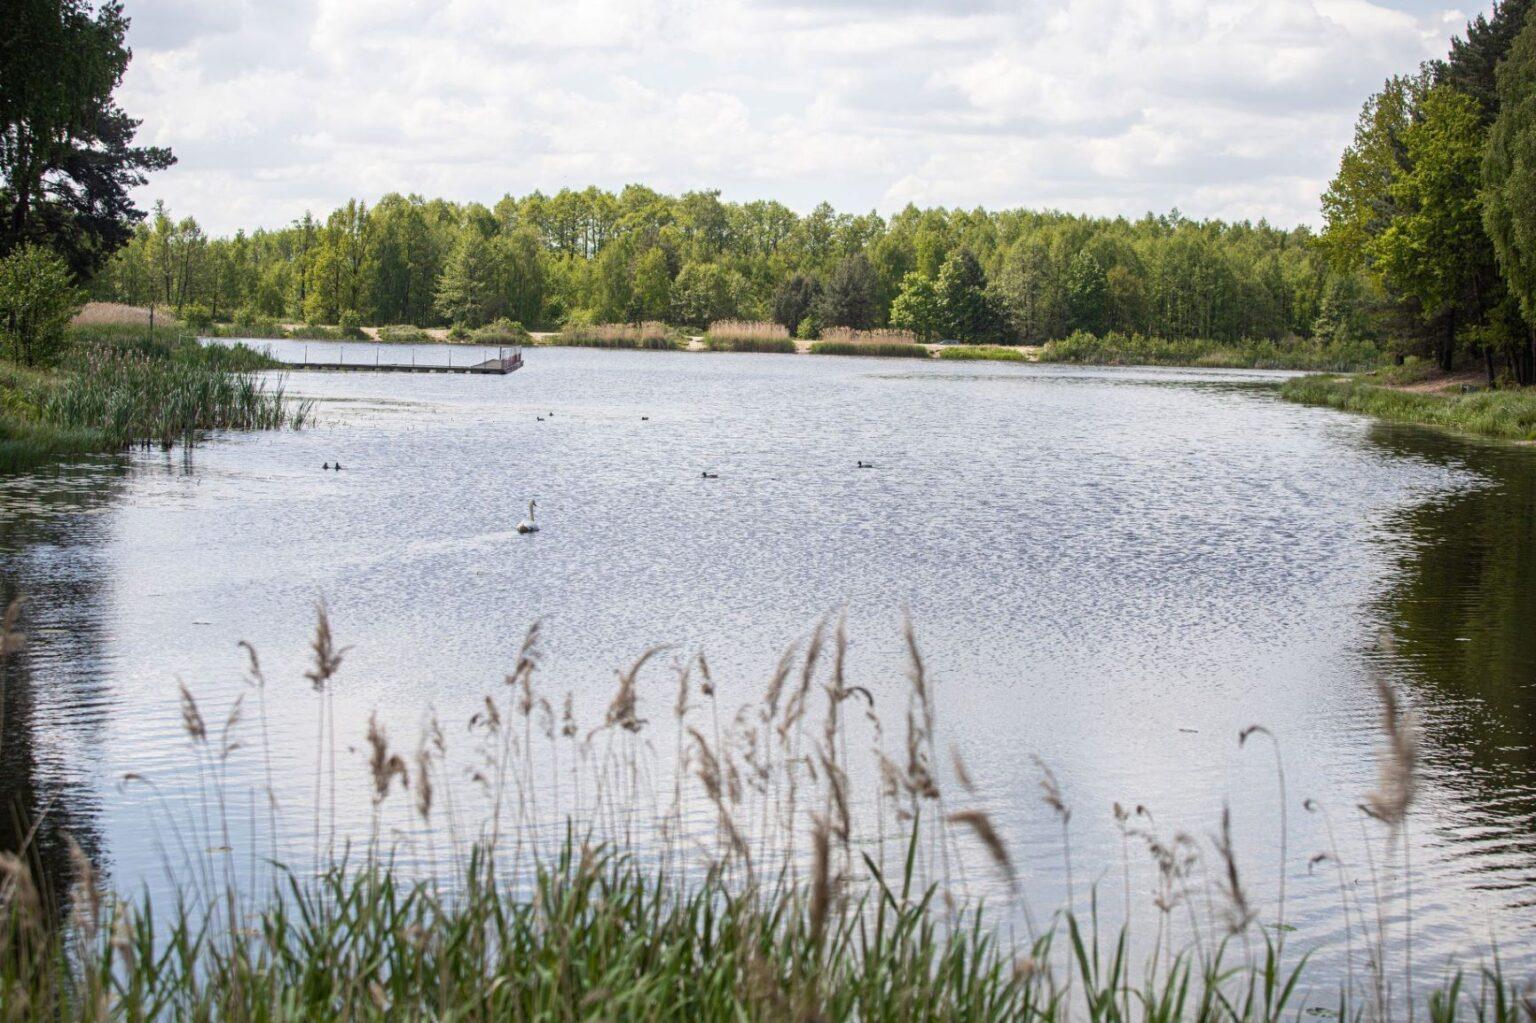 Otwierają kolejne kąpielisko koło Bełchatowa. W upalne dni nie jesteśmy skazani tylko na Wawrzkowiznę... - Zdjęcie główne